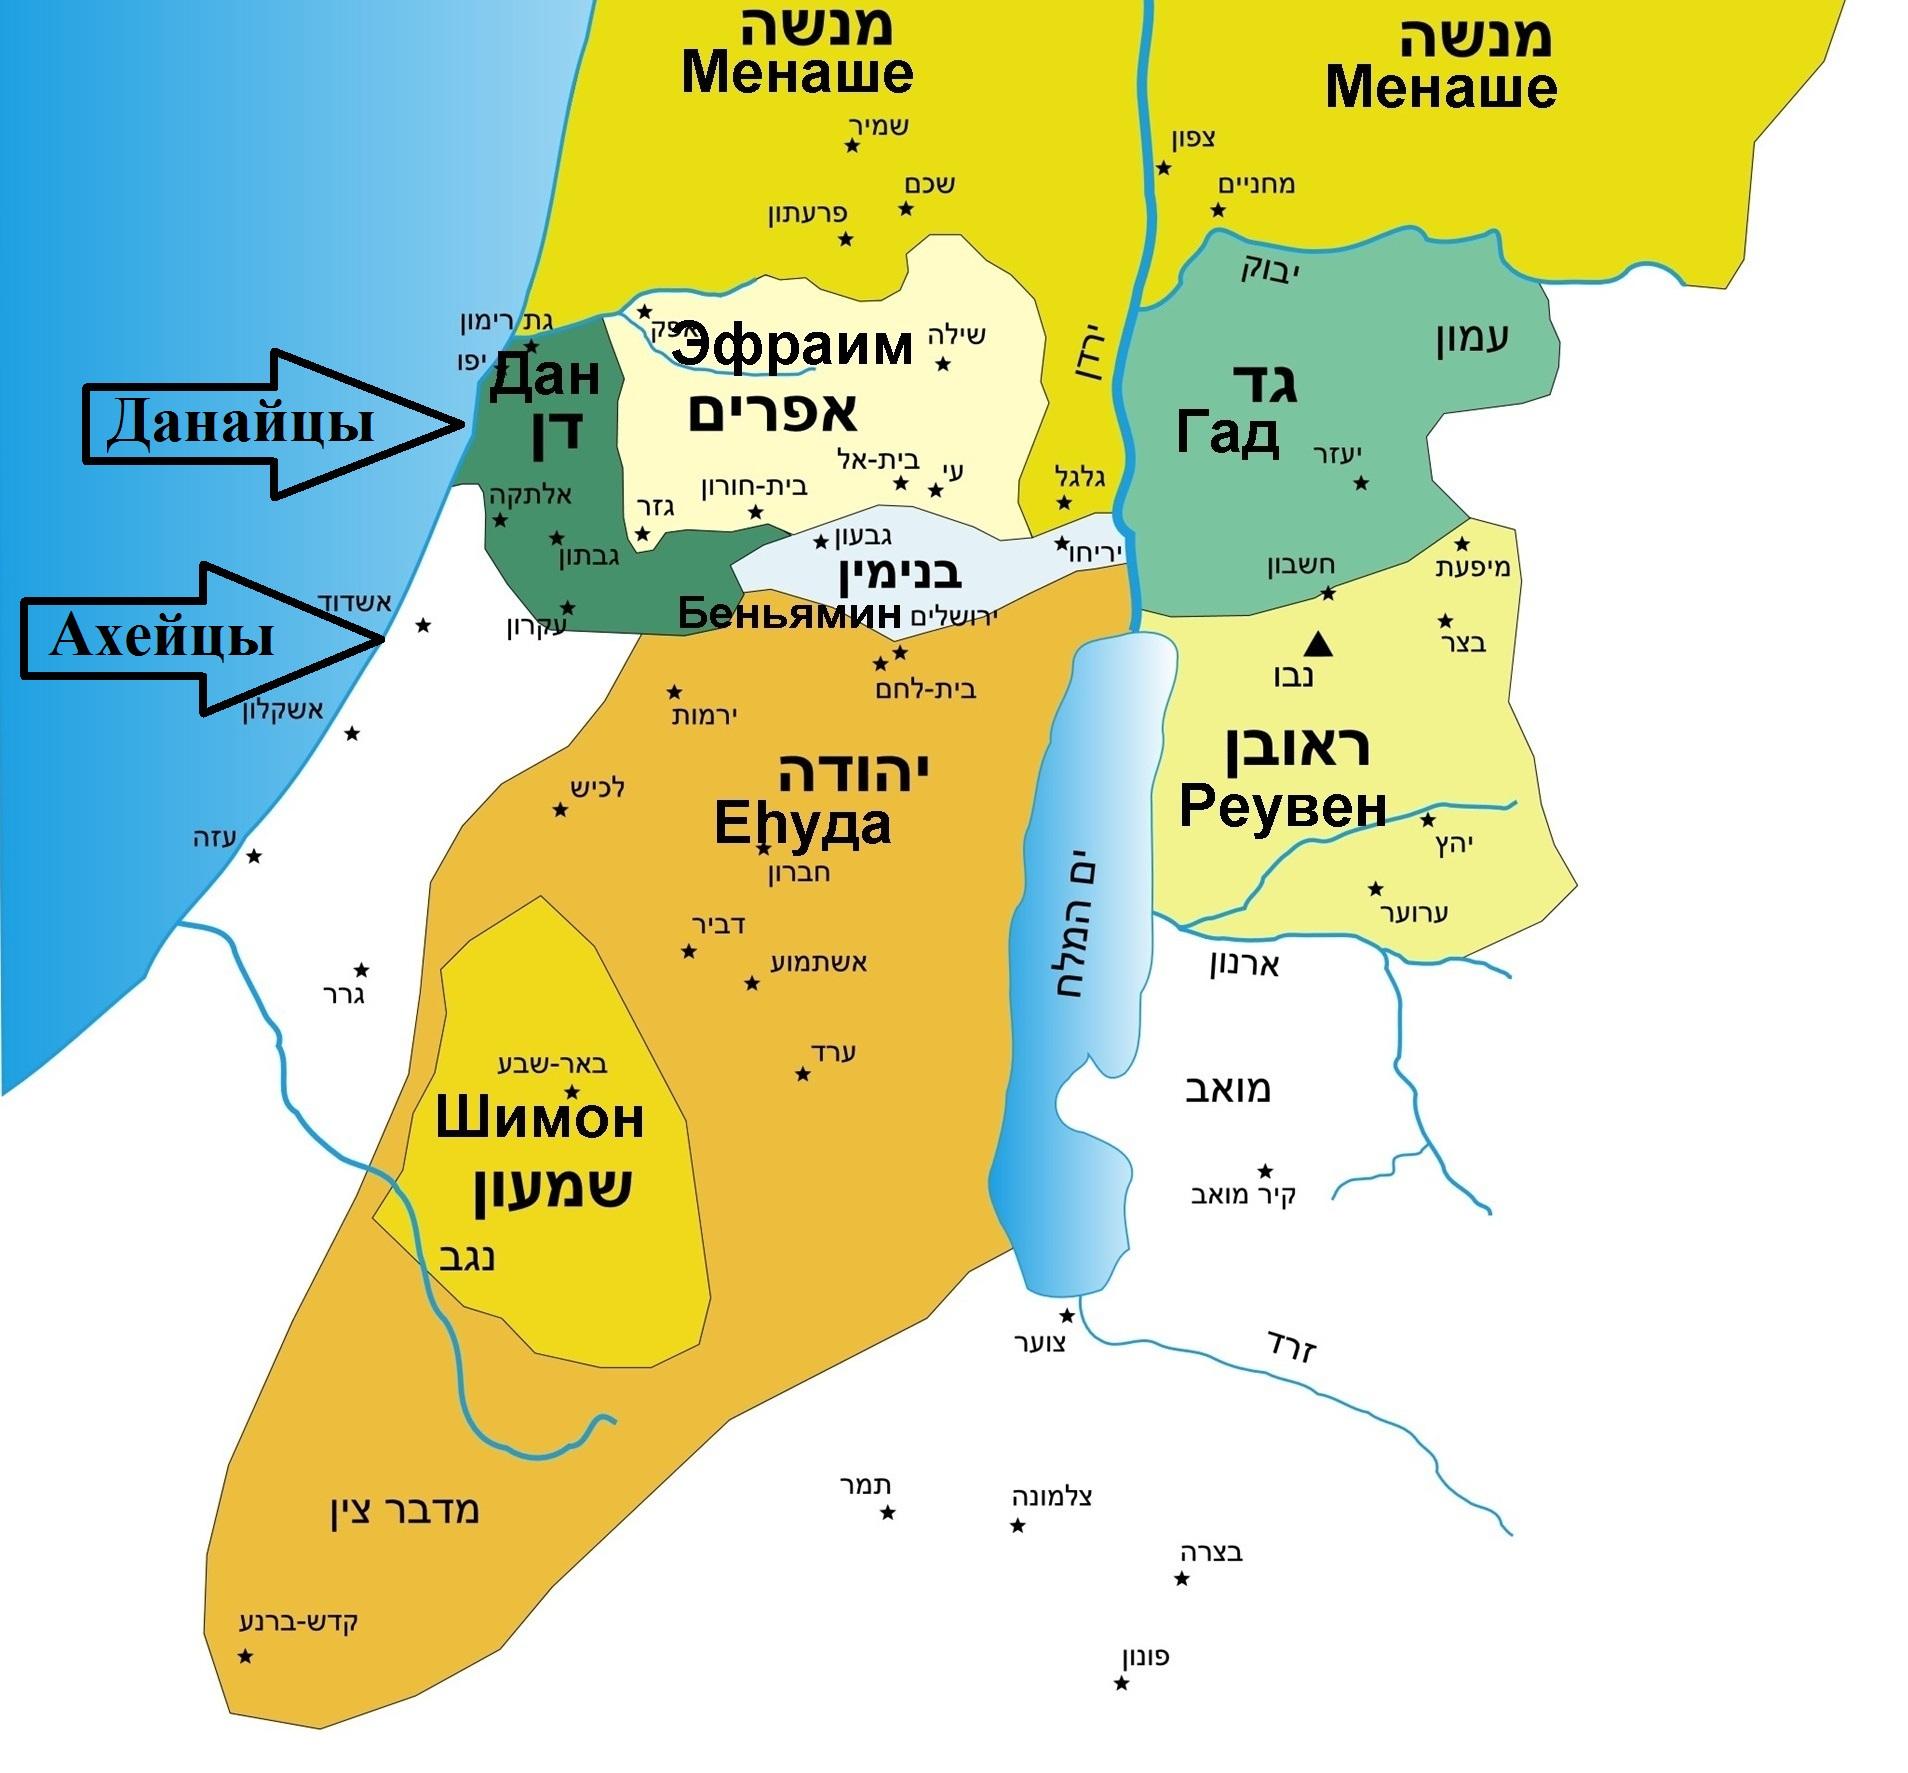 Exodus 12 Danaans & Achaeans Ru